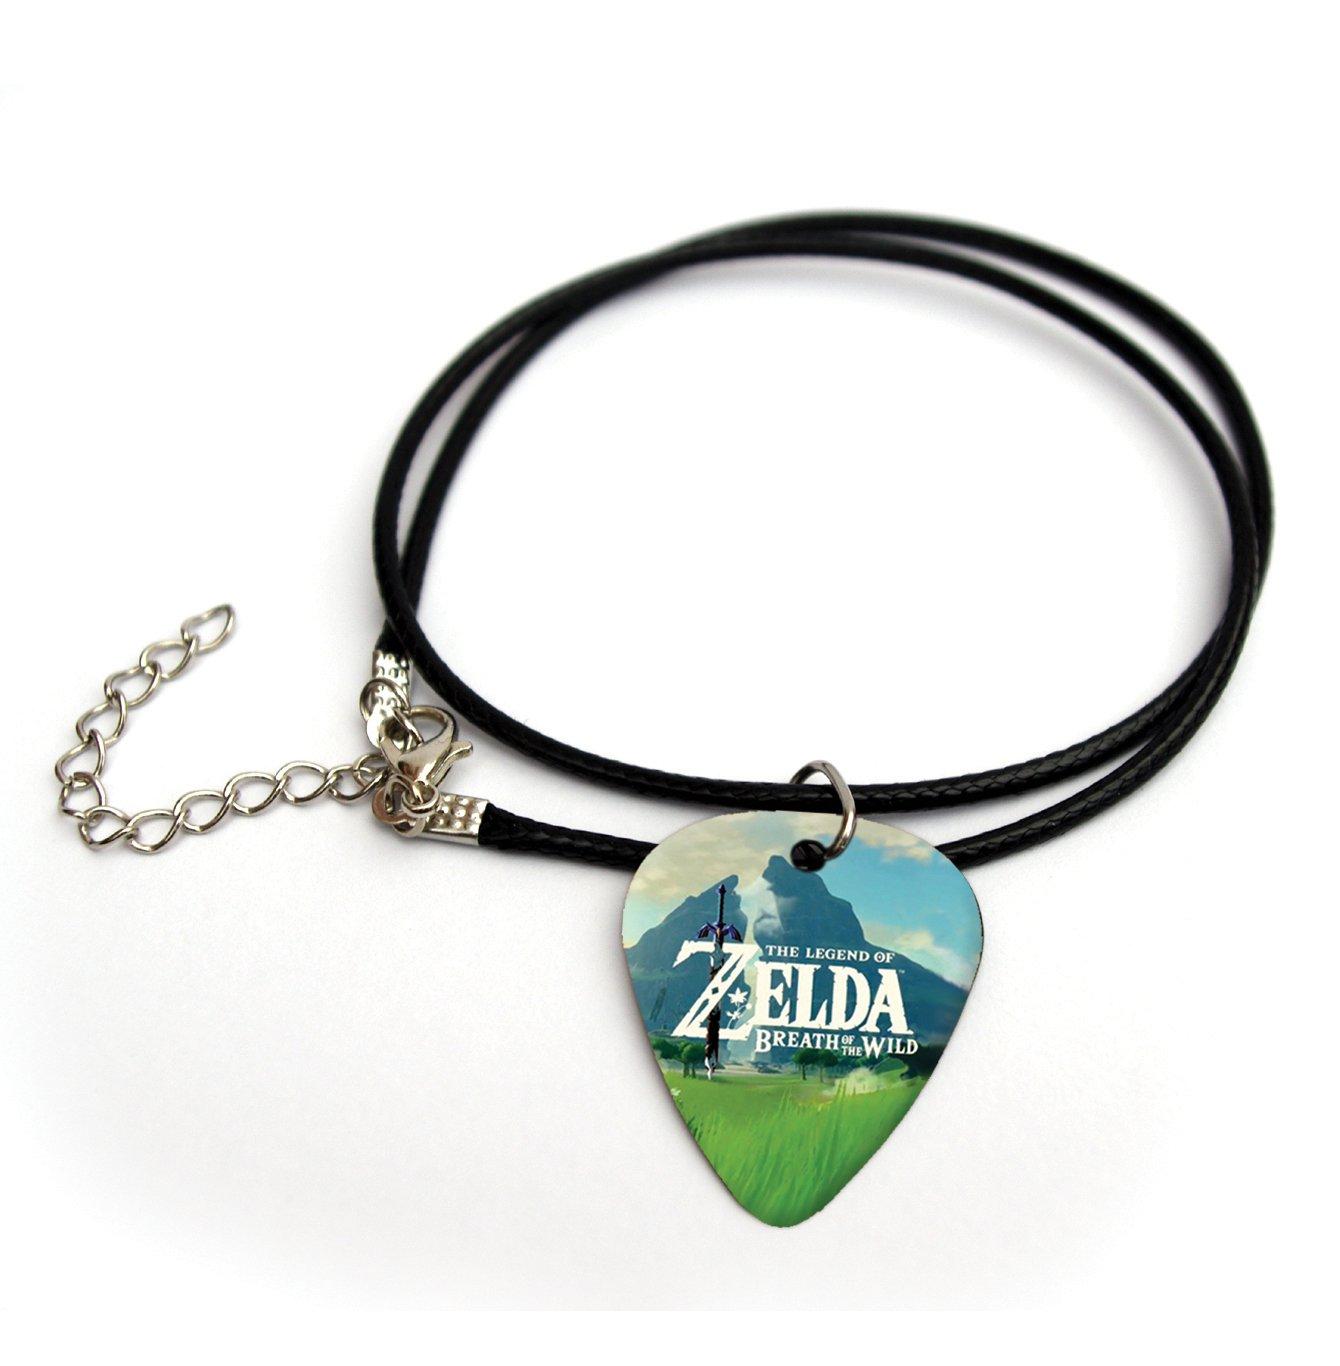 Zelda Imprim/é m/édiator de guitare Collier 45,7/cm